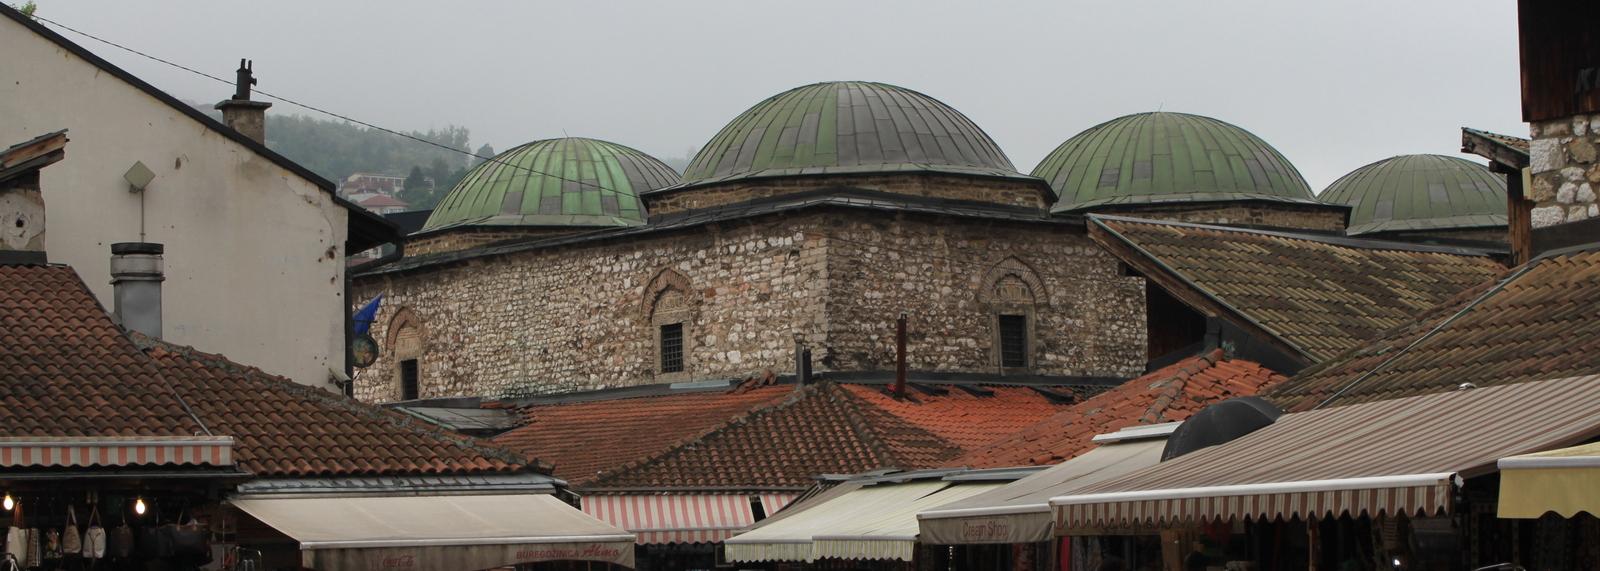 Hammam, Sarajevo